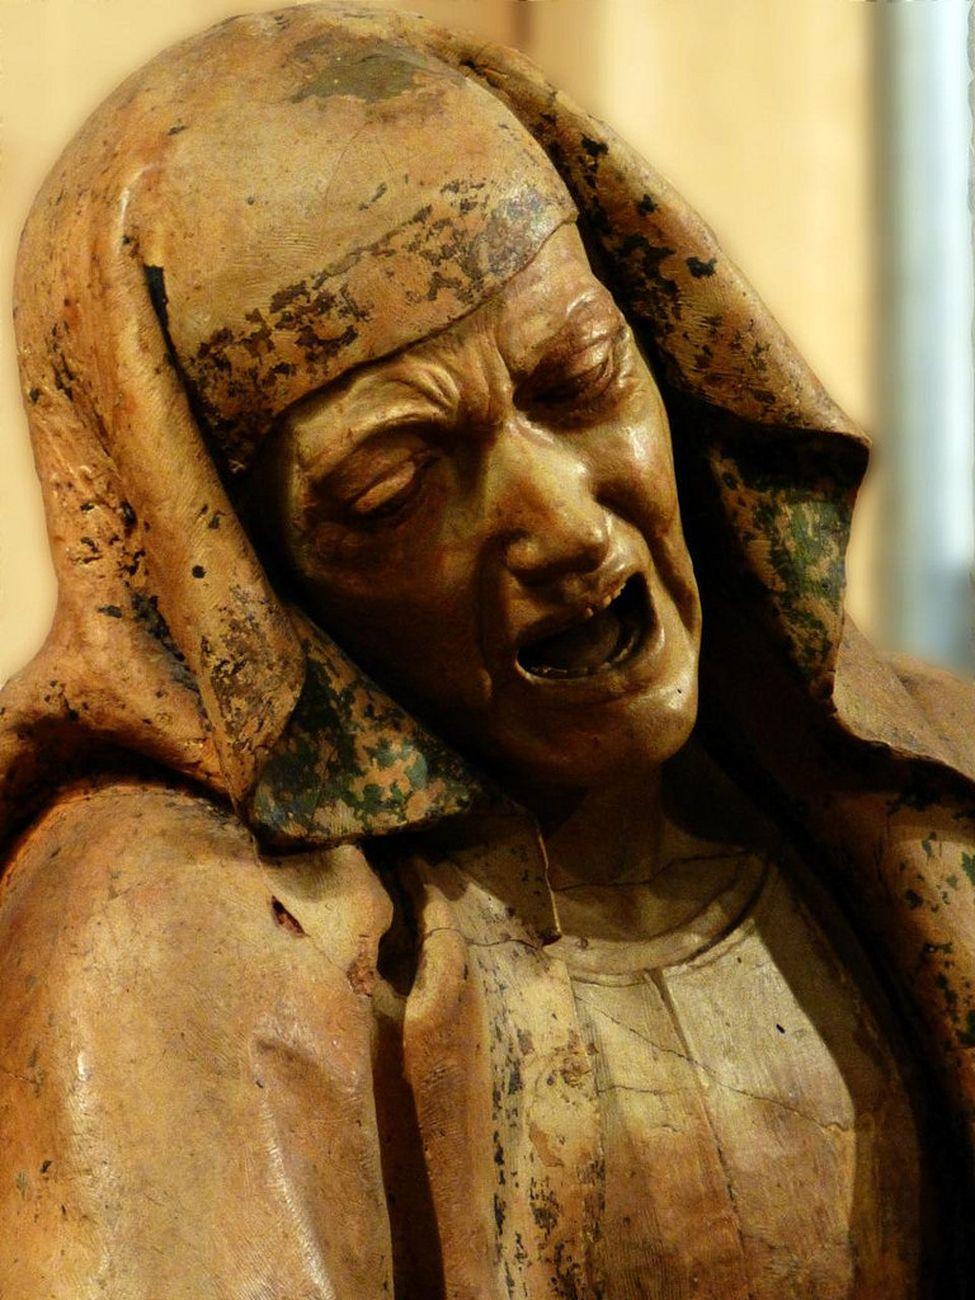 Niccolò dell'Arca, Compianto sul Cristo morto, 1463-90. Santa Maria della Vita, Bologna, Madonna